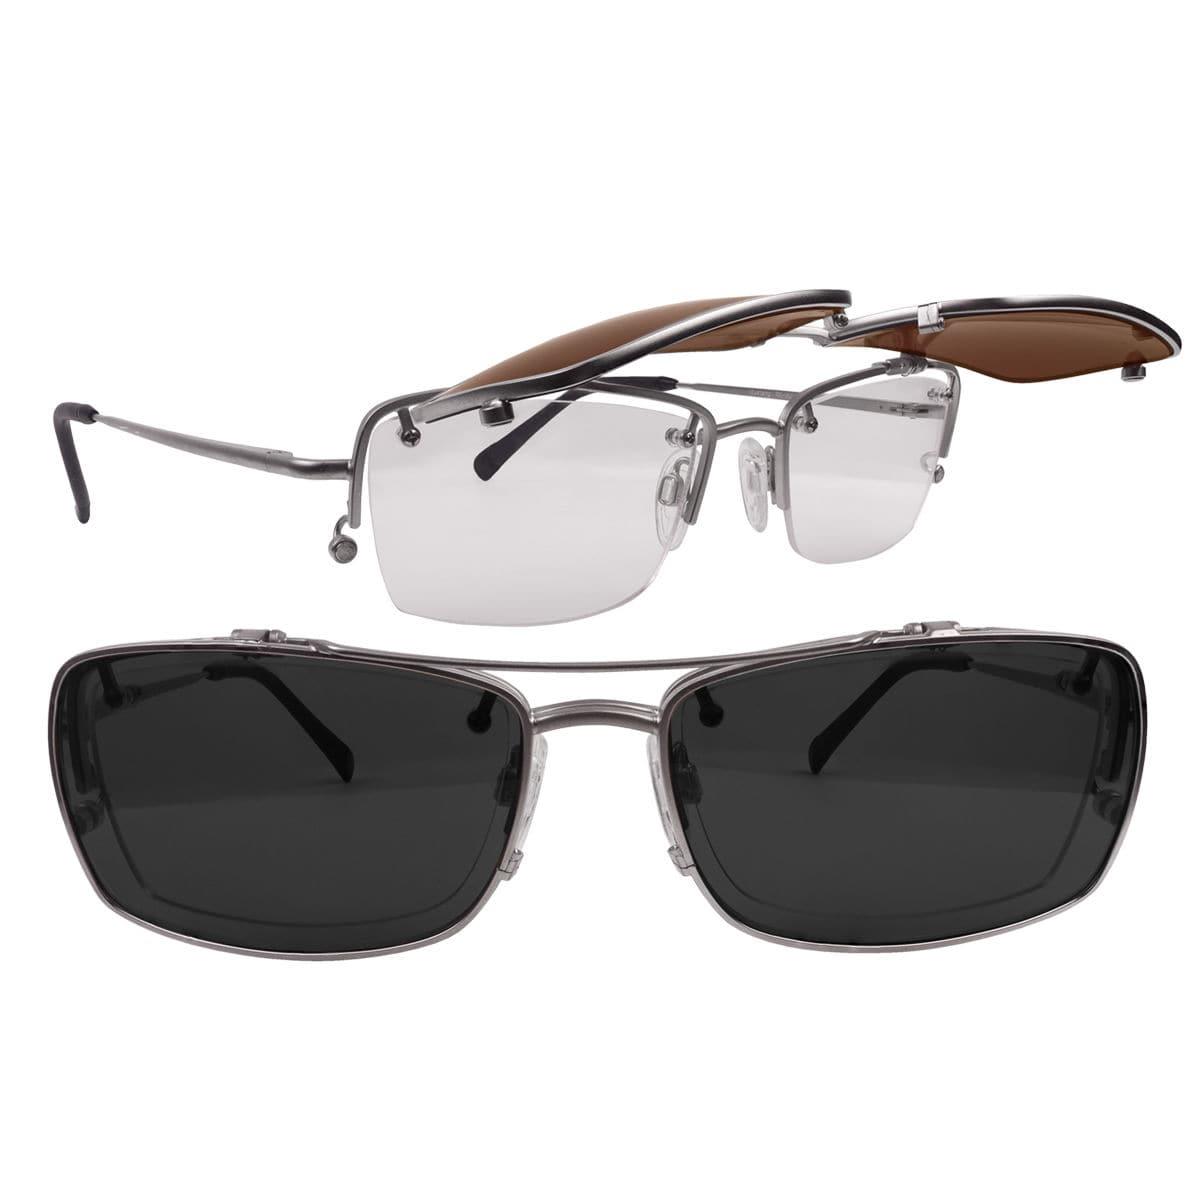 6761297f7 óculos de sol / para piloto / com lentes corretivas / antiofuscante - RXMU